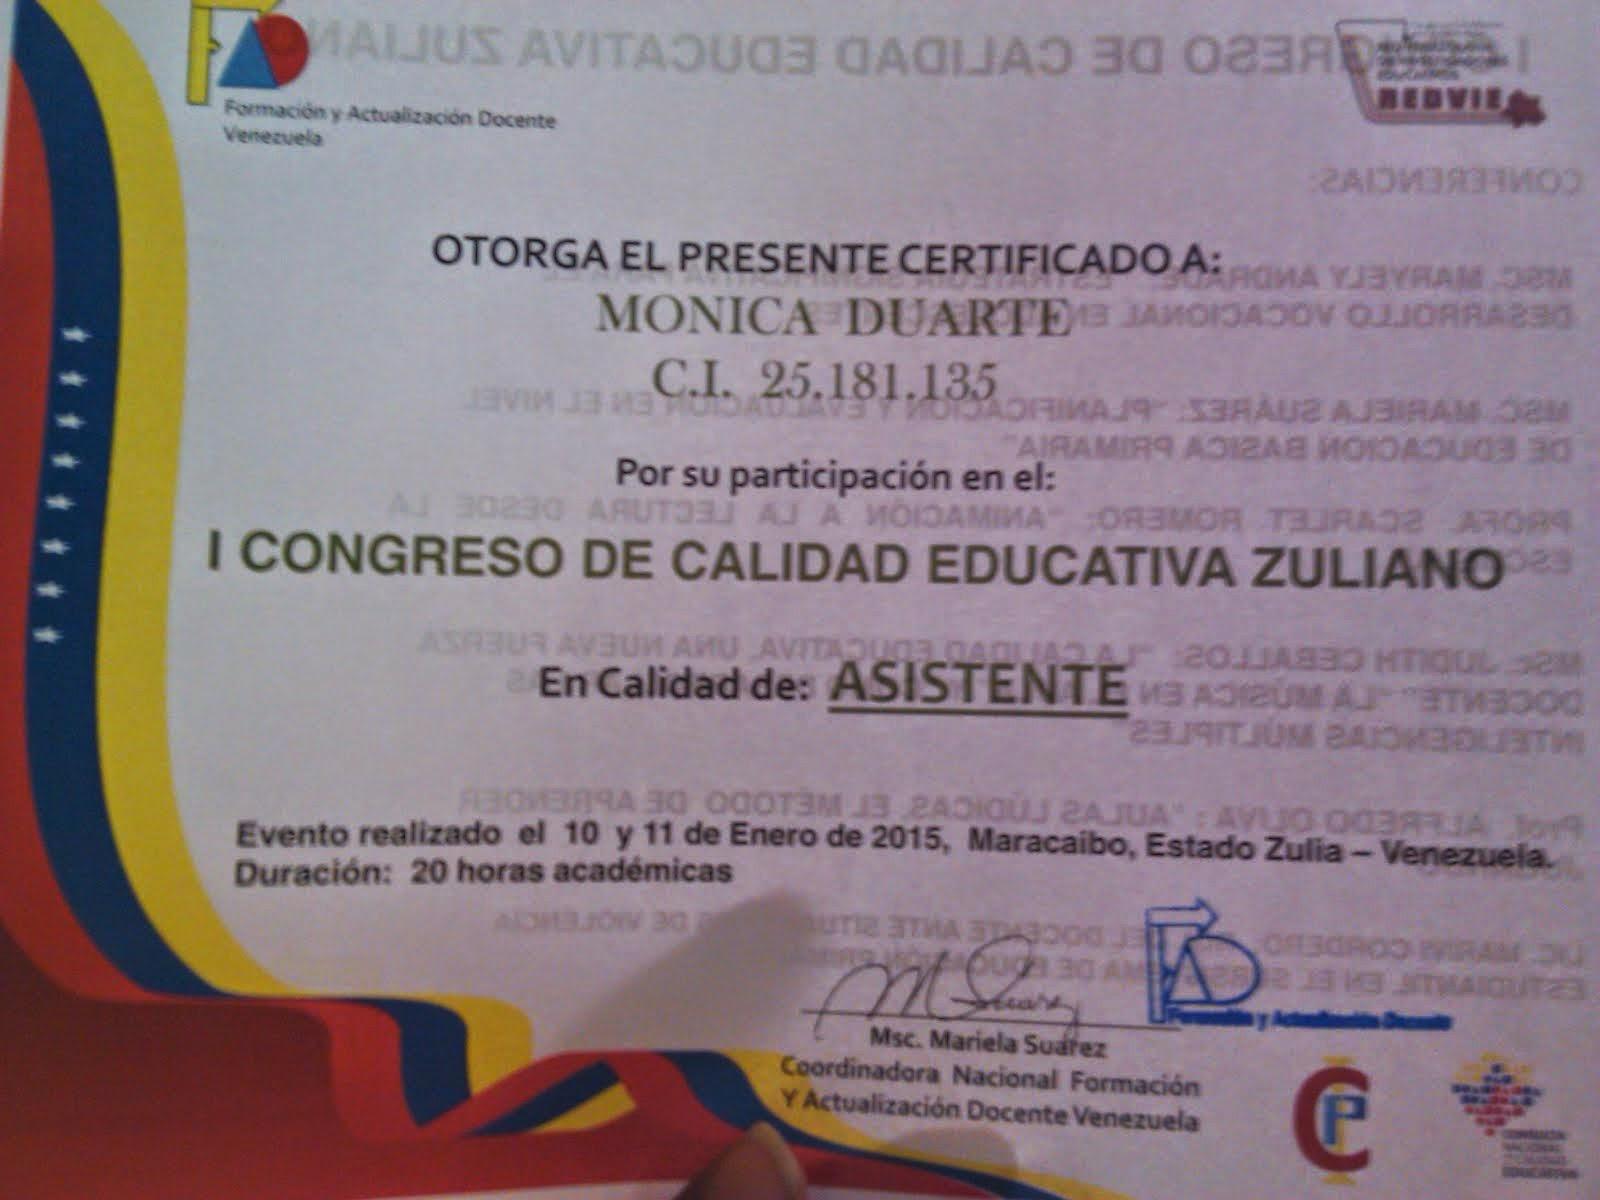 I CONGRESO DE CALIDAD EDUCATIVA ZULIANO